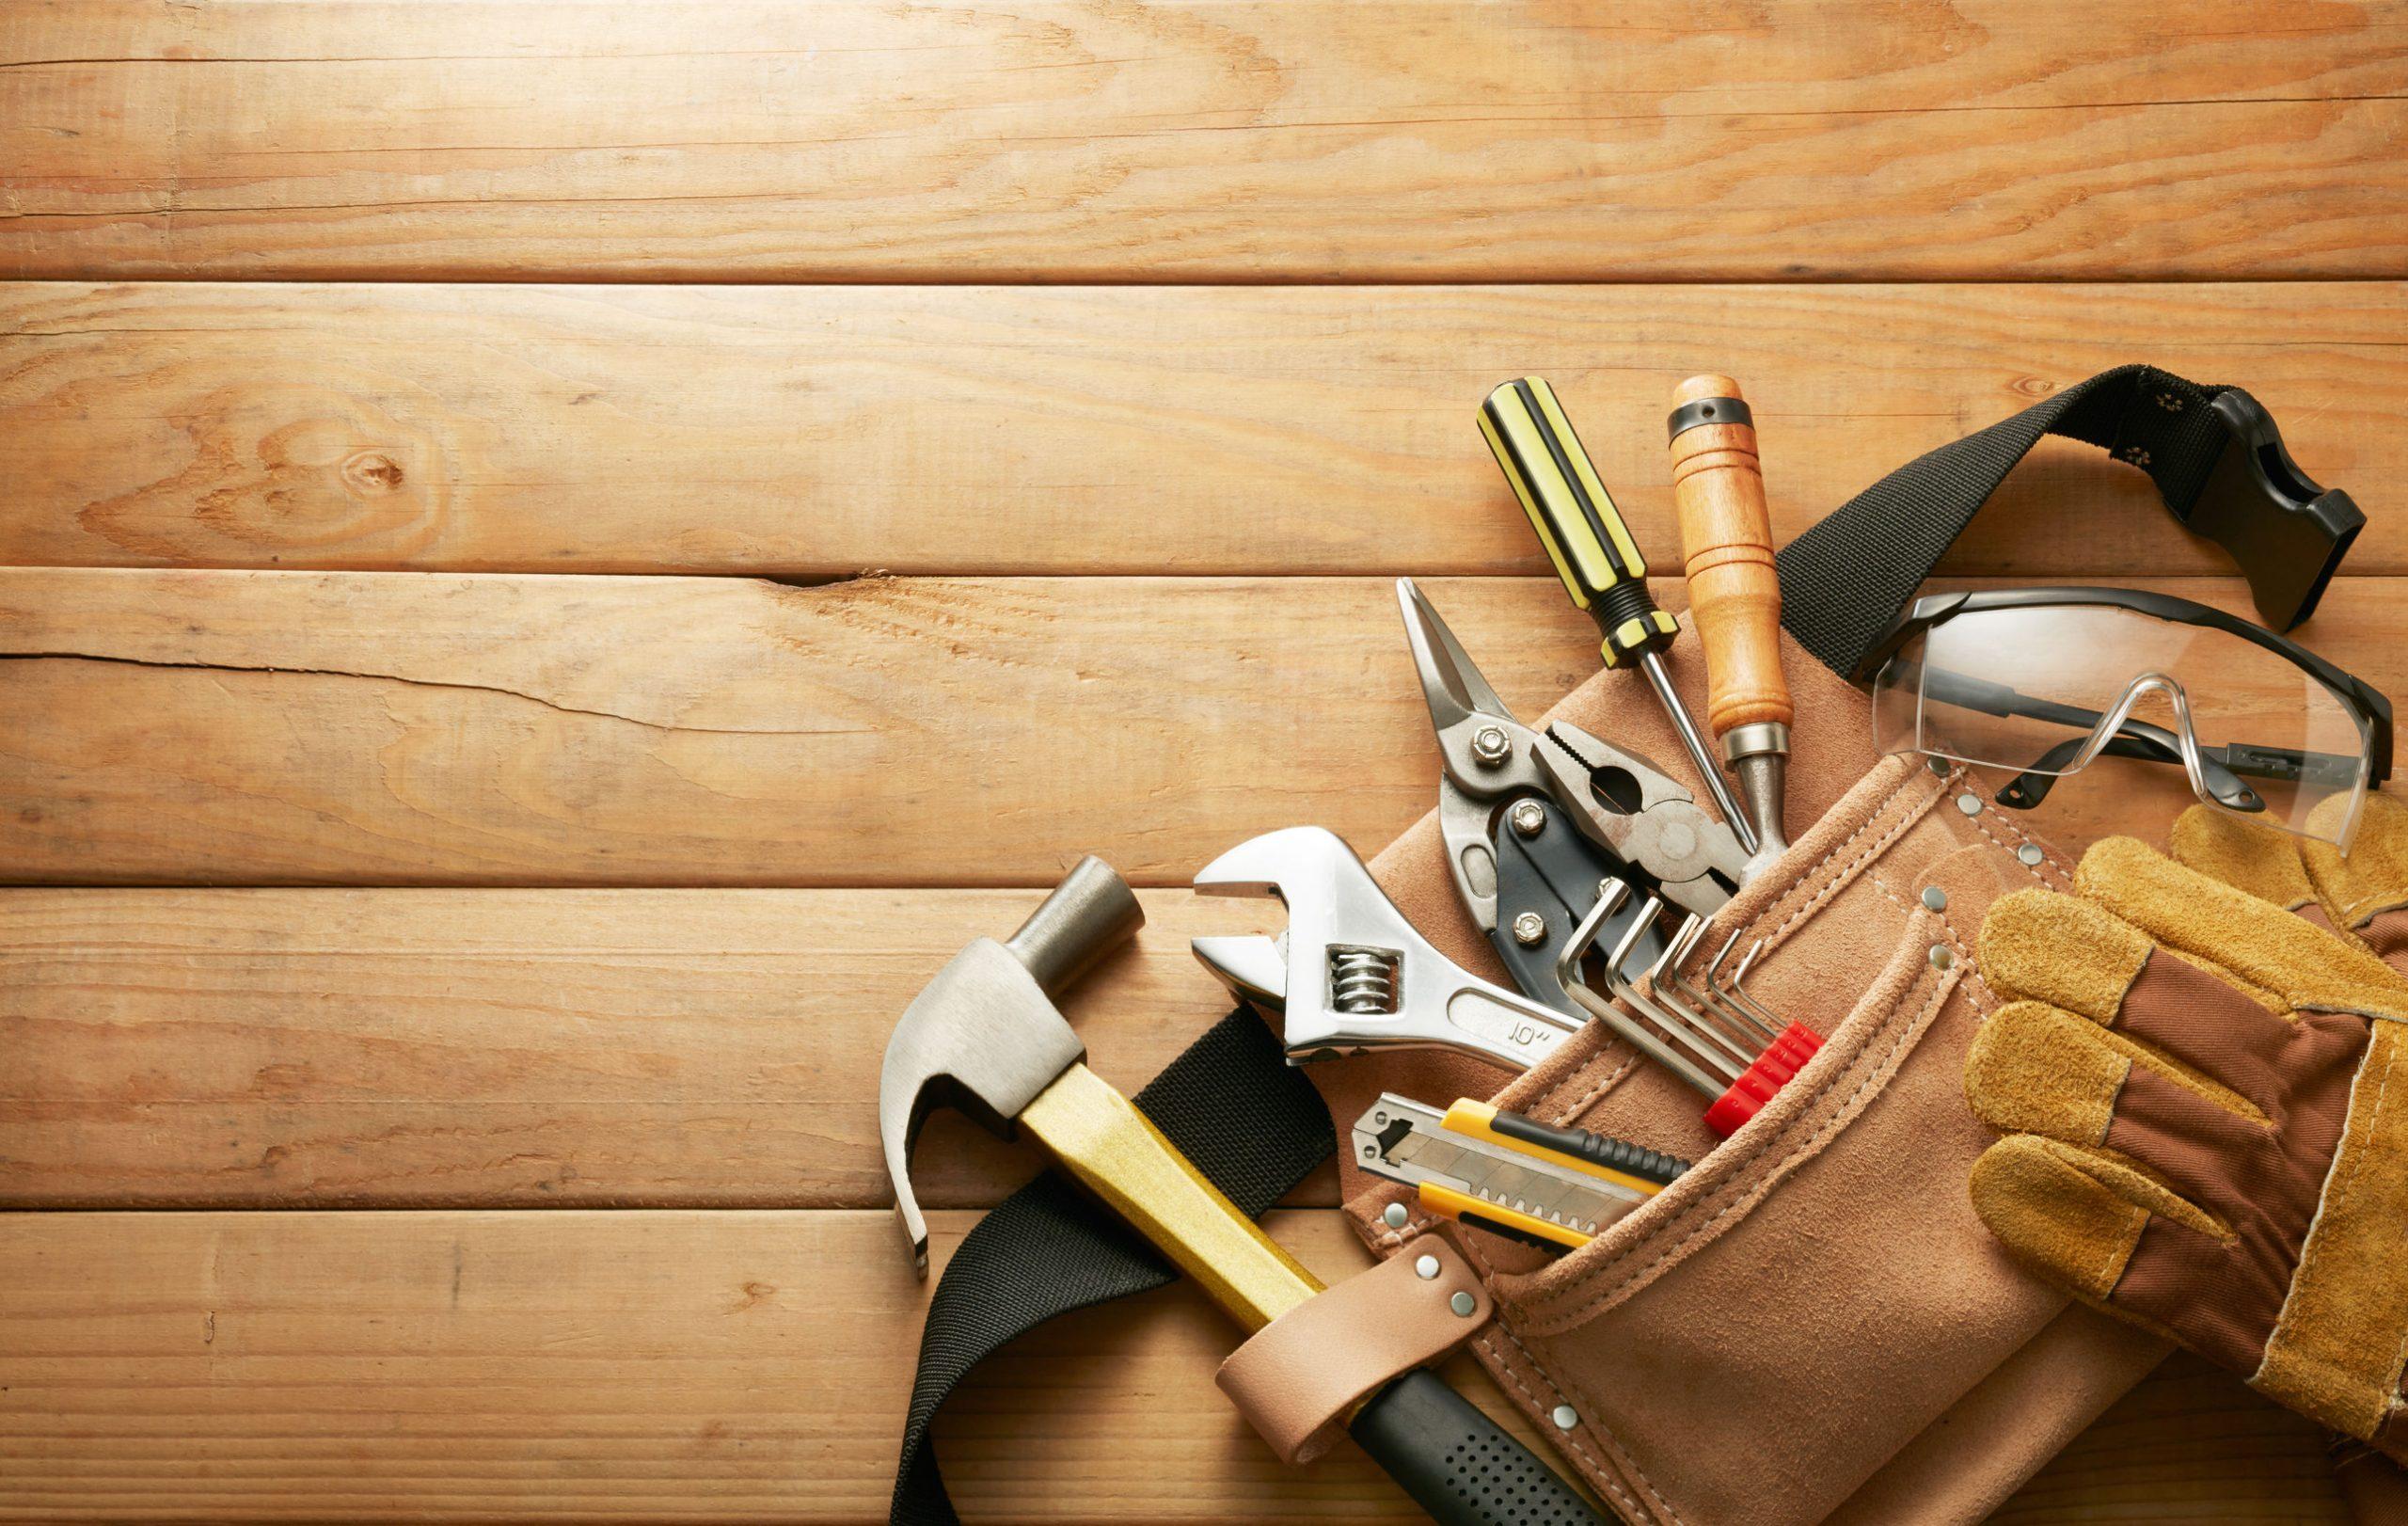 Imagem mostra um cinto de ferramentas contendo algumas ferramentas.